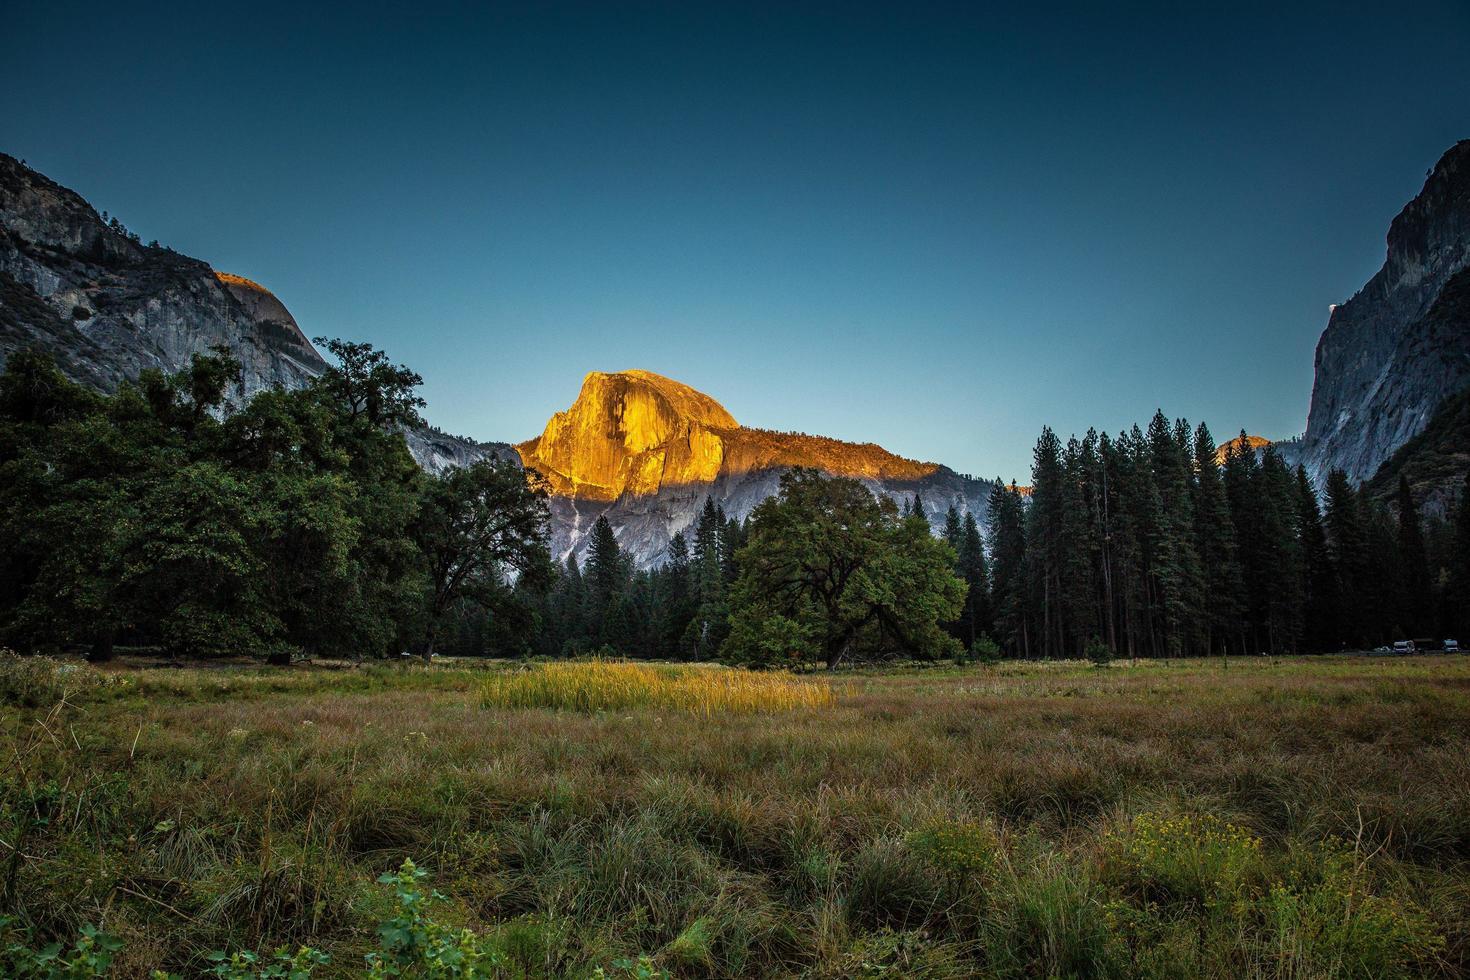 sol en el pico de la montaña en el parque nacional de Yosemite foto